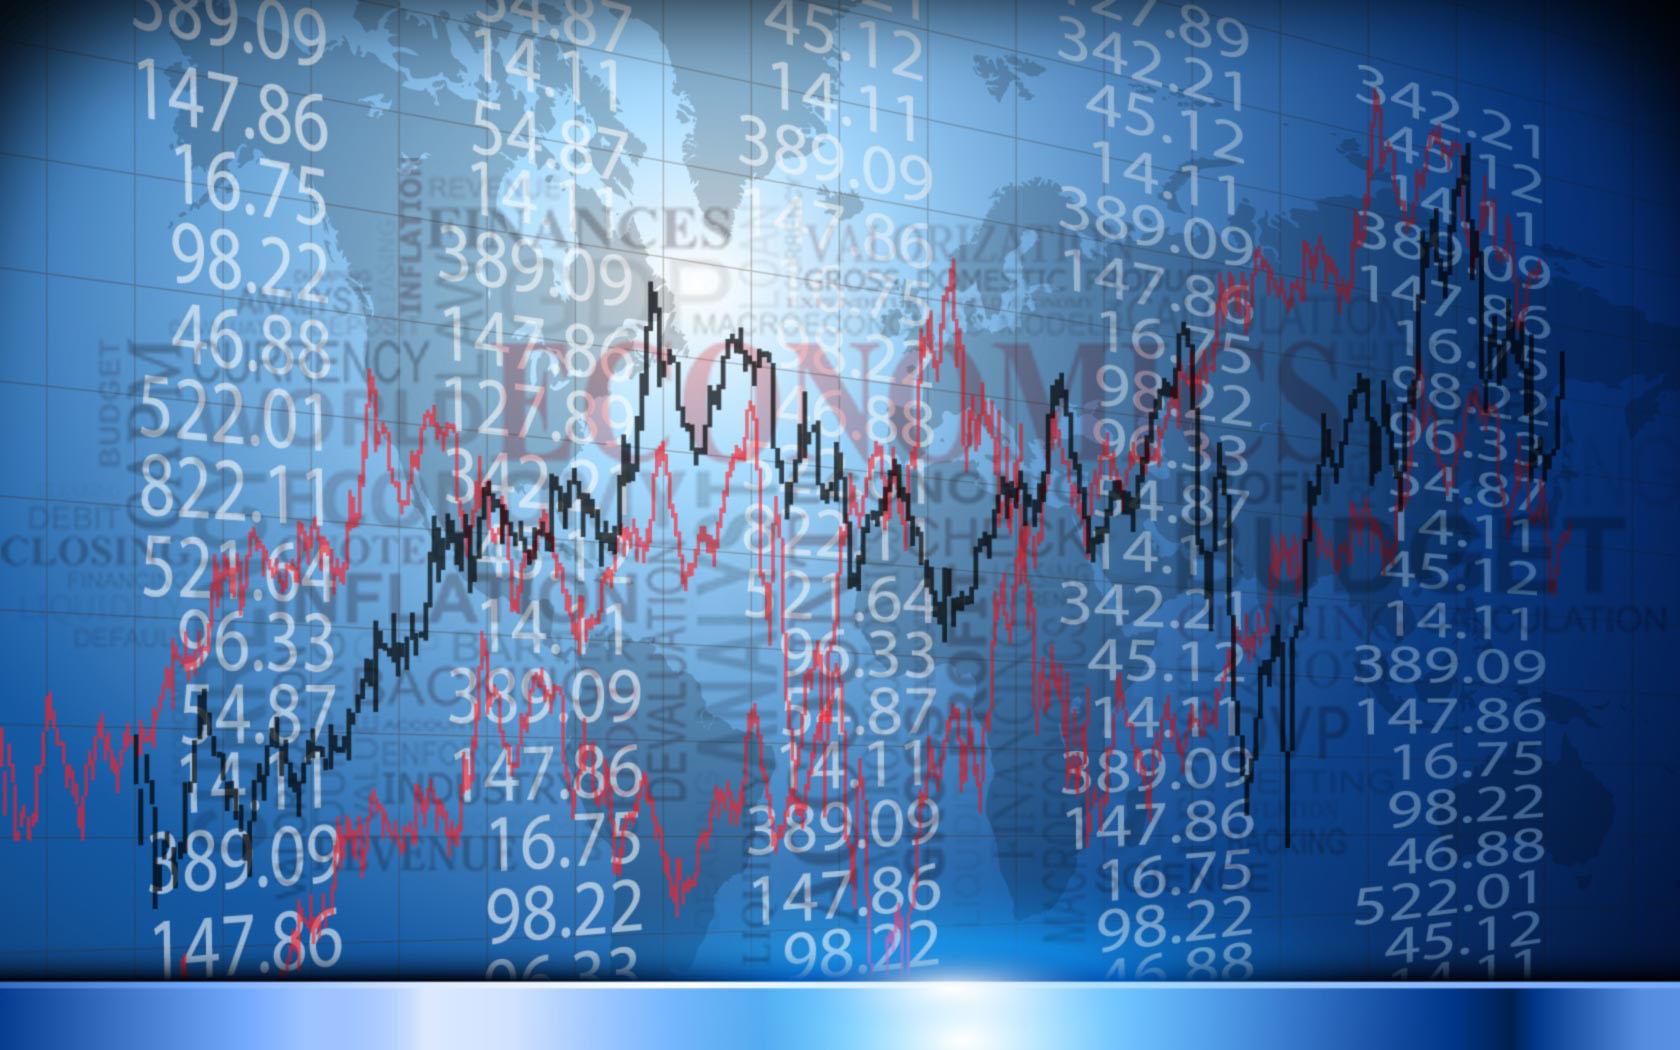 Hình nền Powerpoint kinh tế biến động